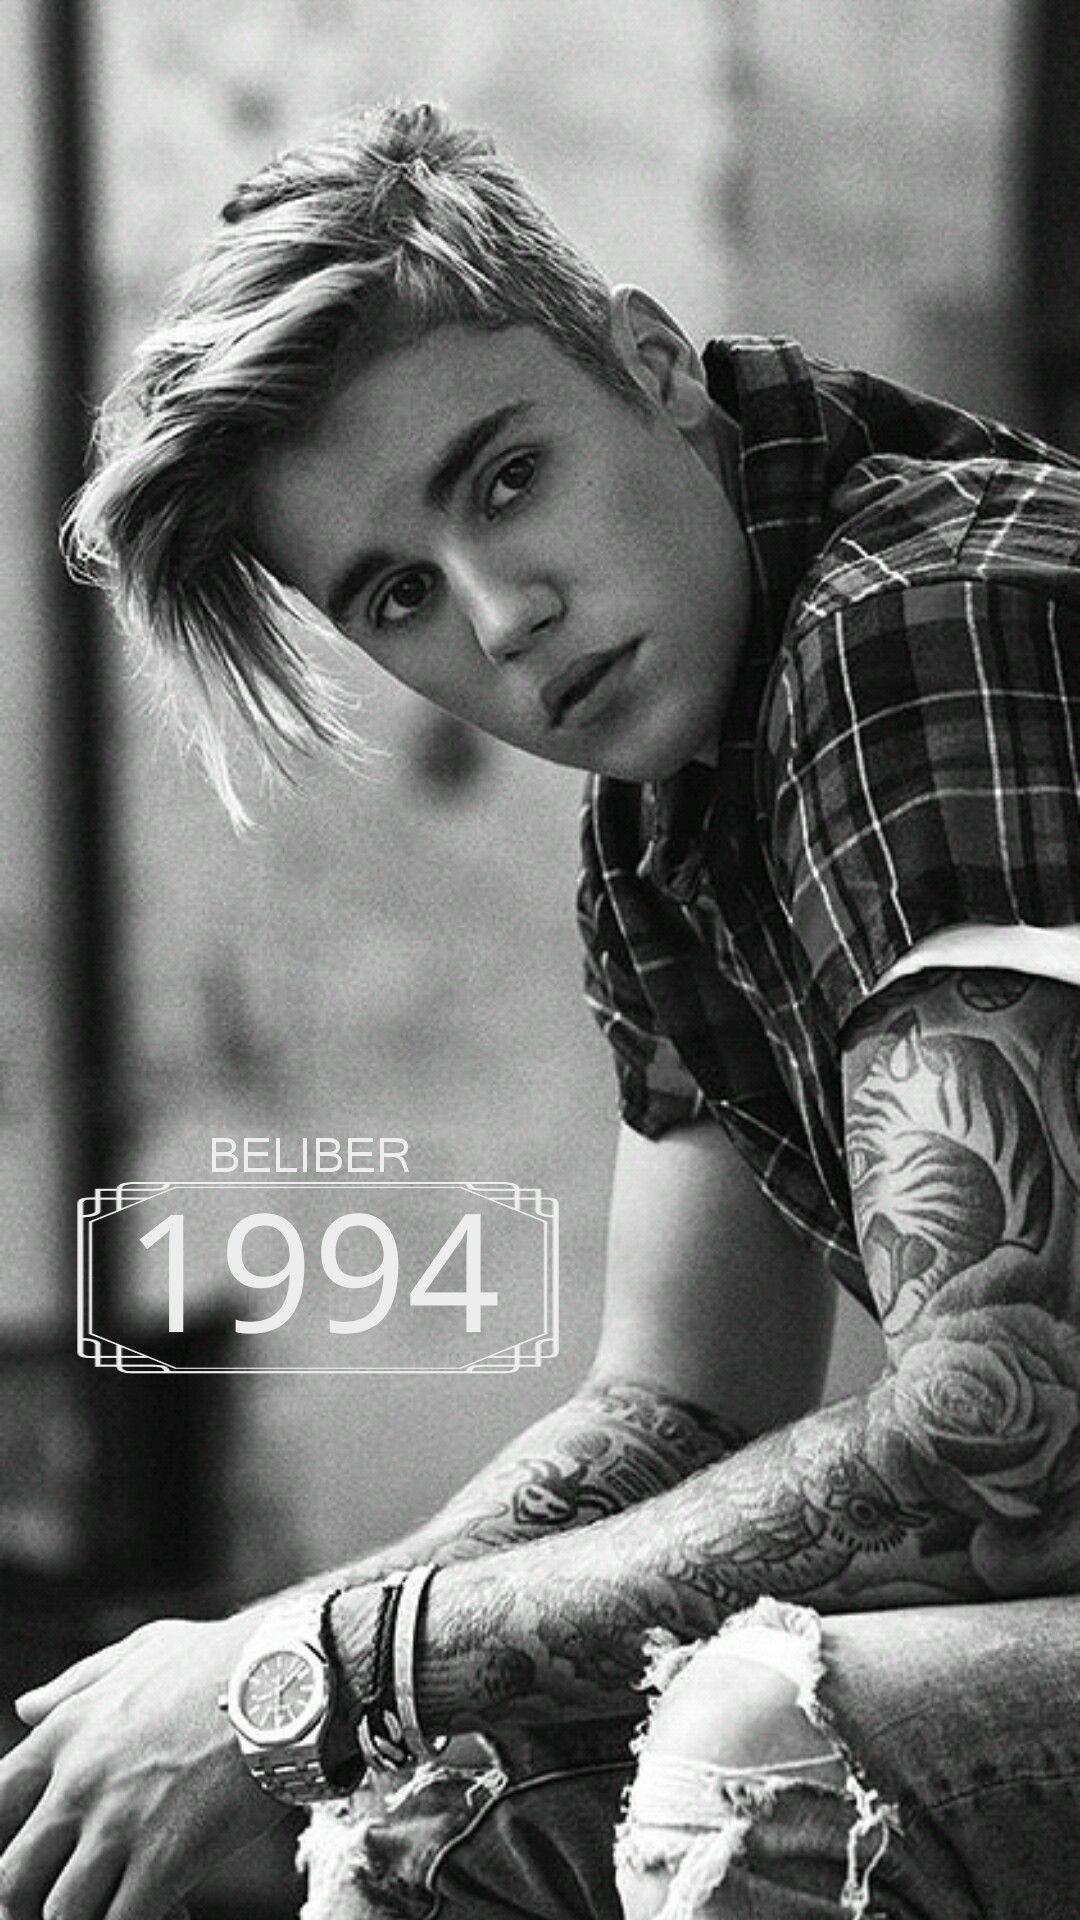 I Made This Justin Bieber Lockscreen Wallpaper Justin Bieber Photos Justin Bieber Pictures Justin Bieber Wallpaper